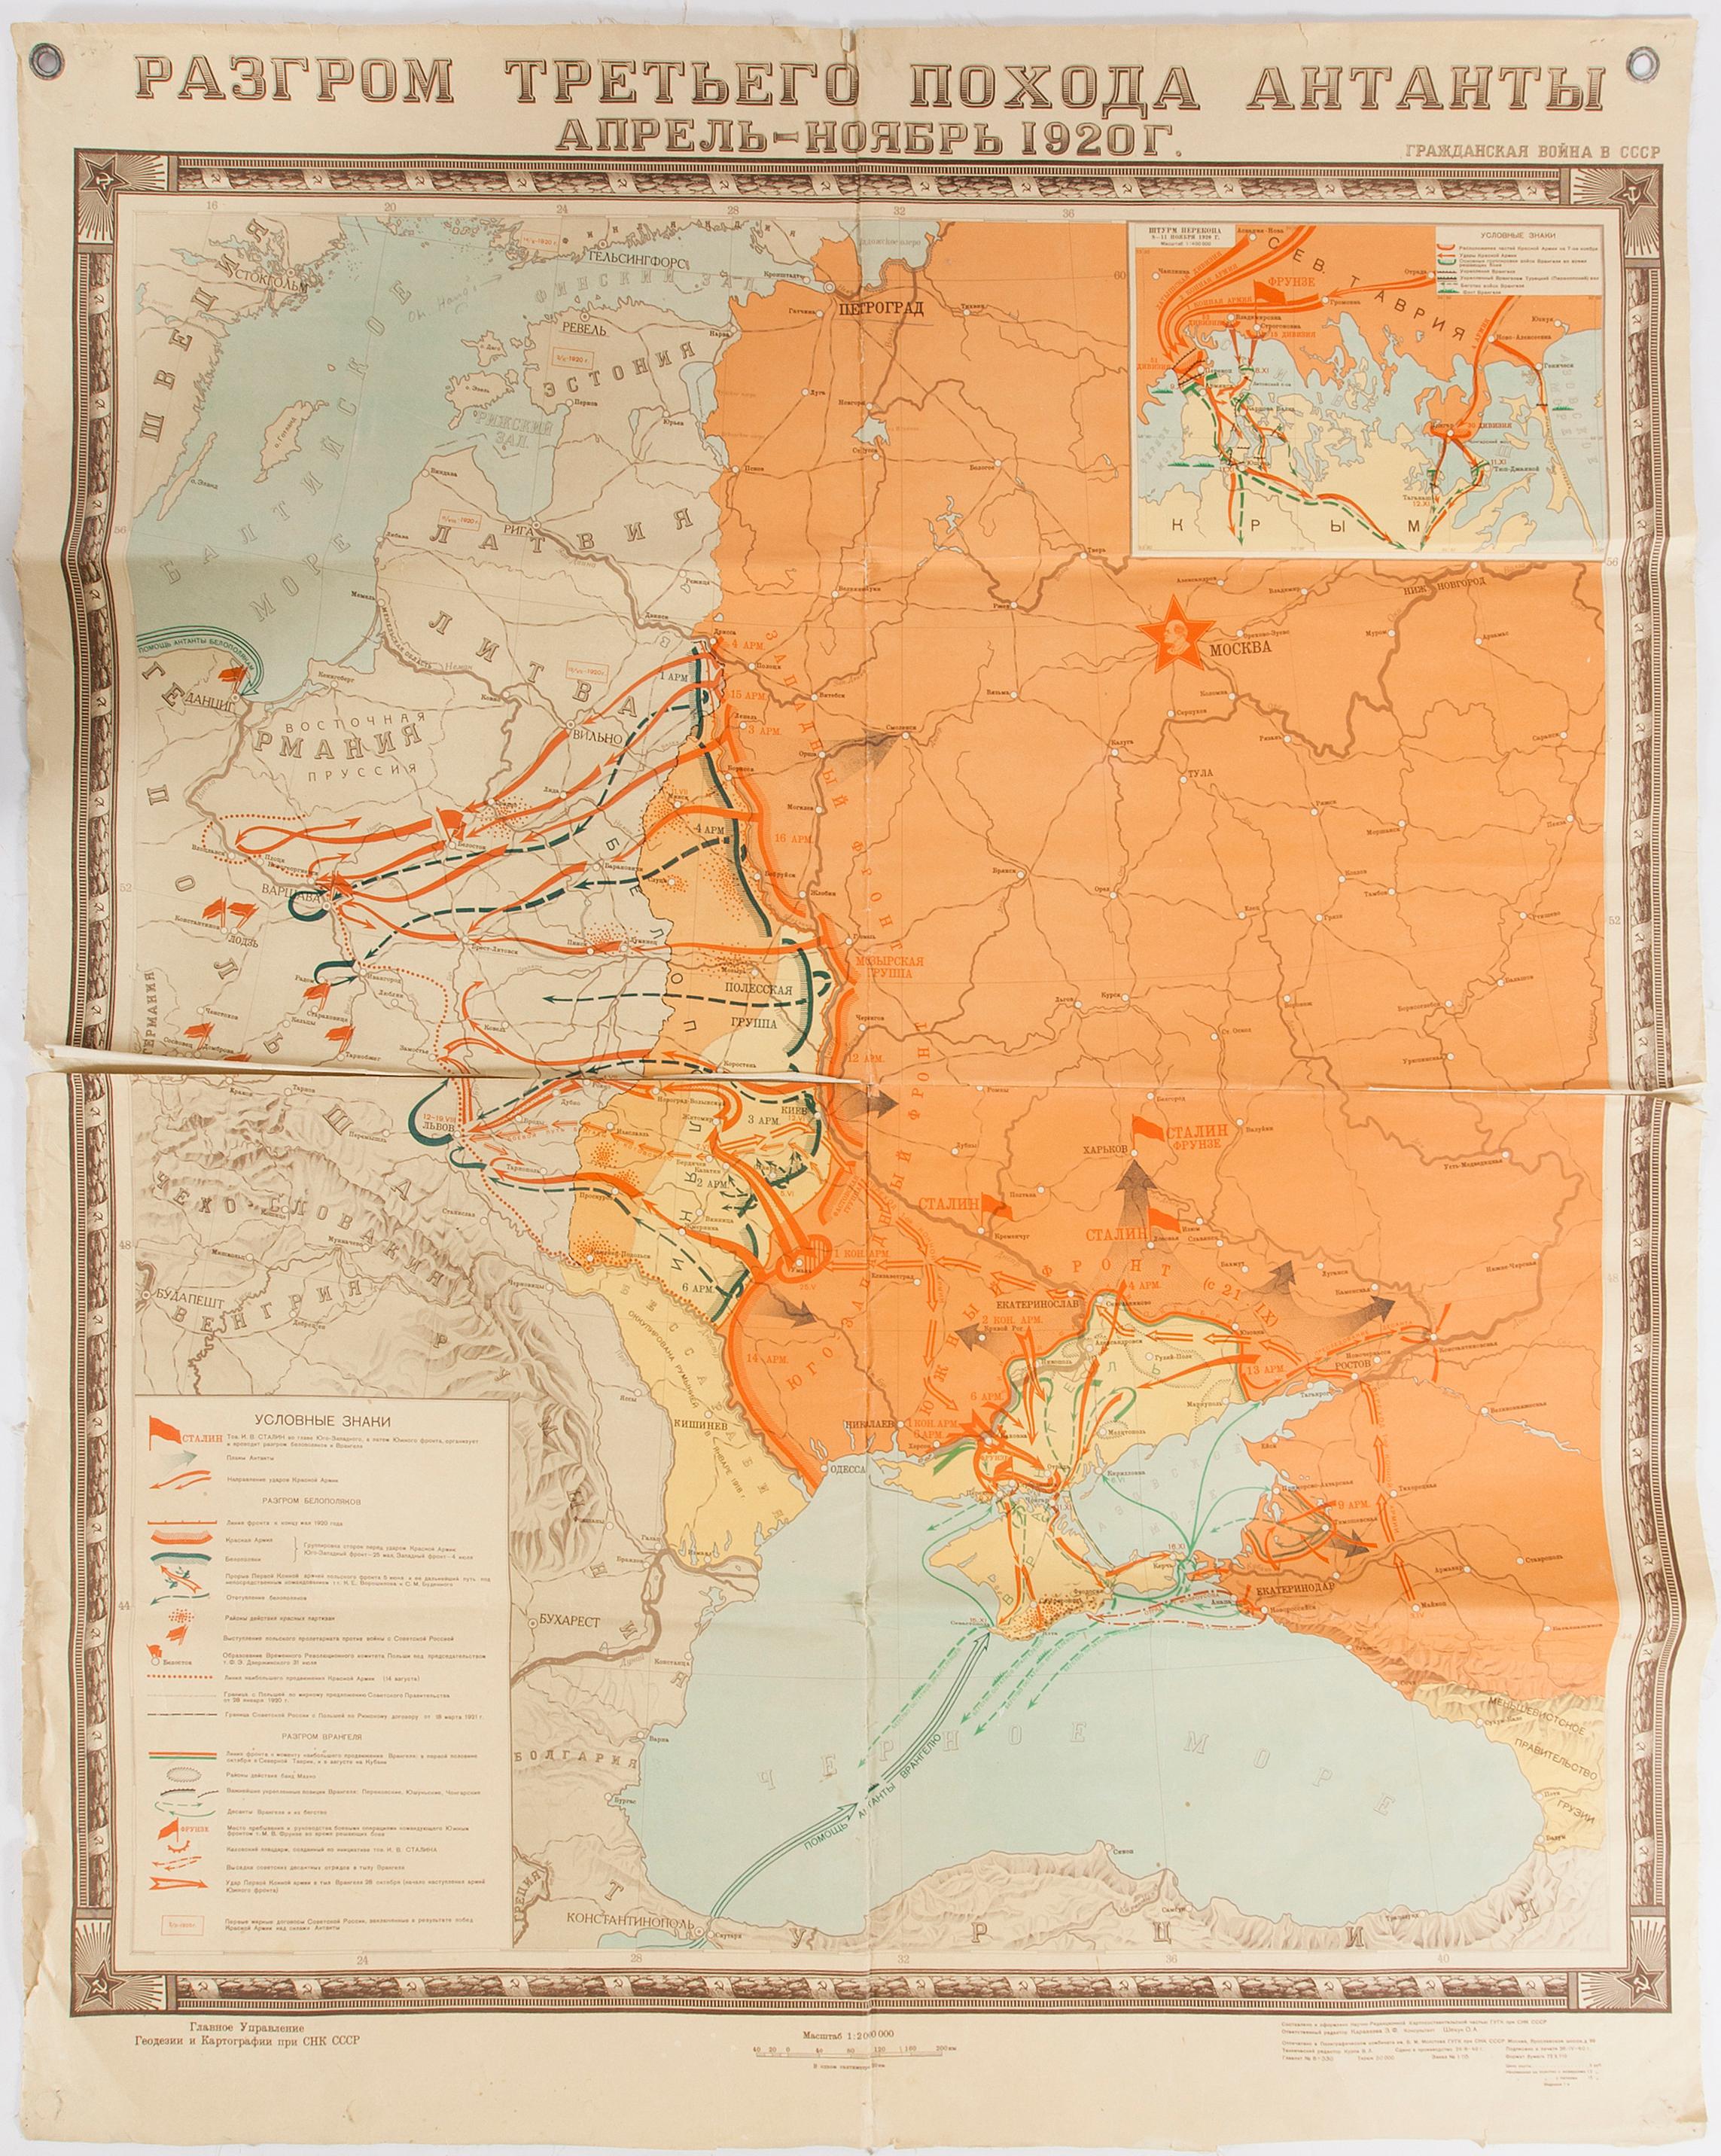 Kartta Neuvostoliitto 1920 Kangas Liimattu Paperille Bukowskis